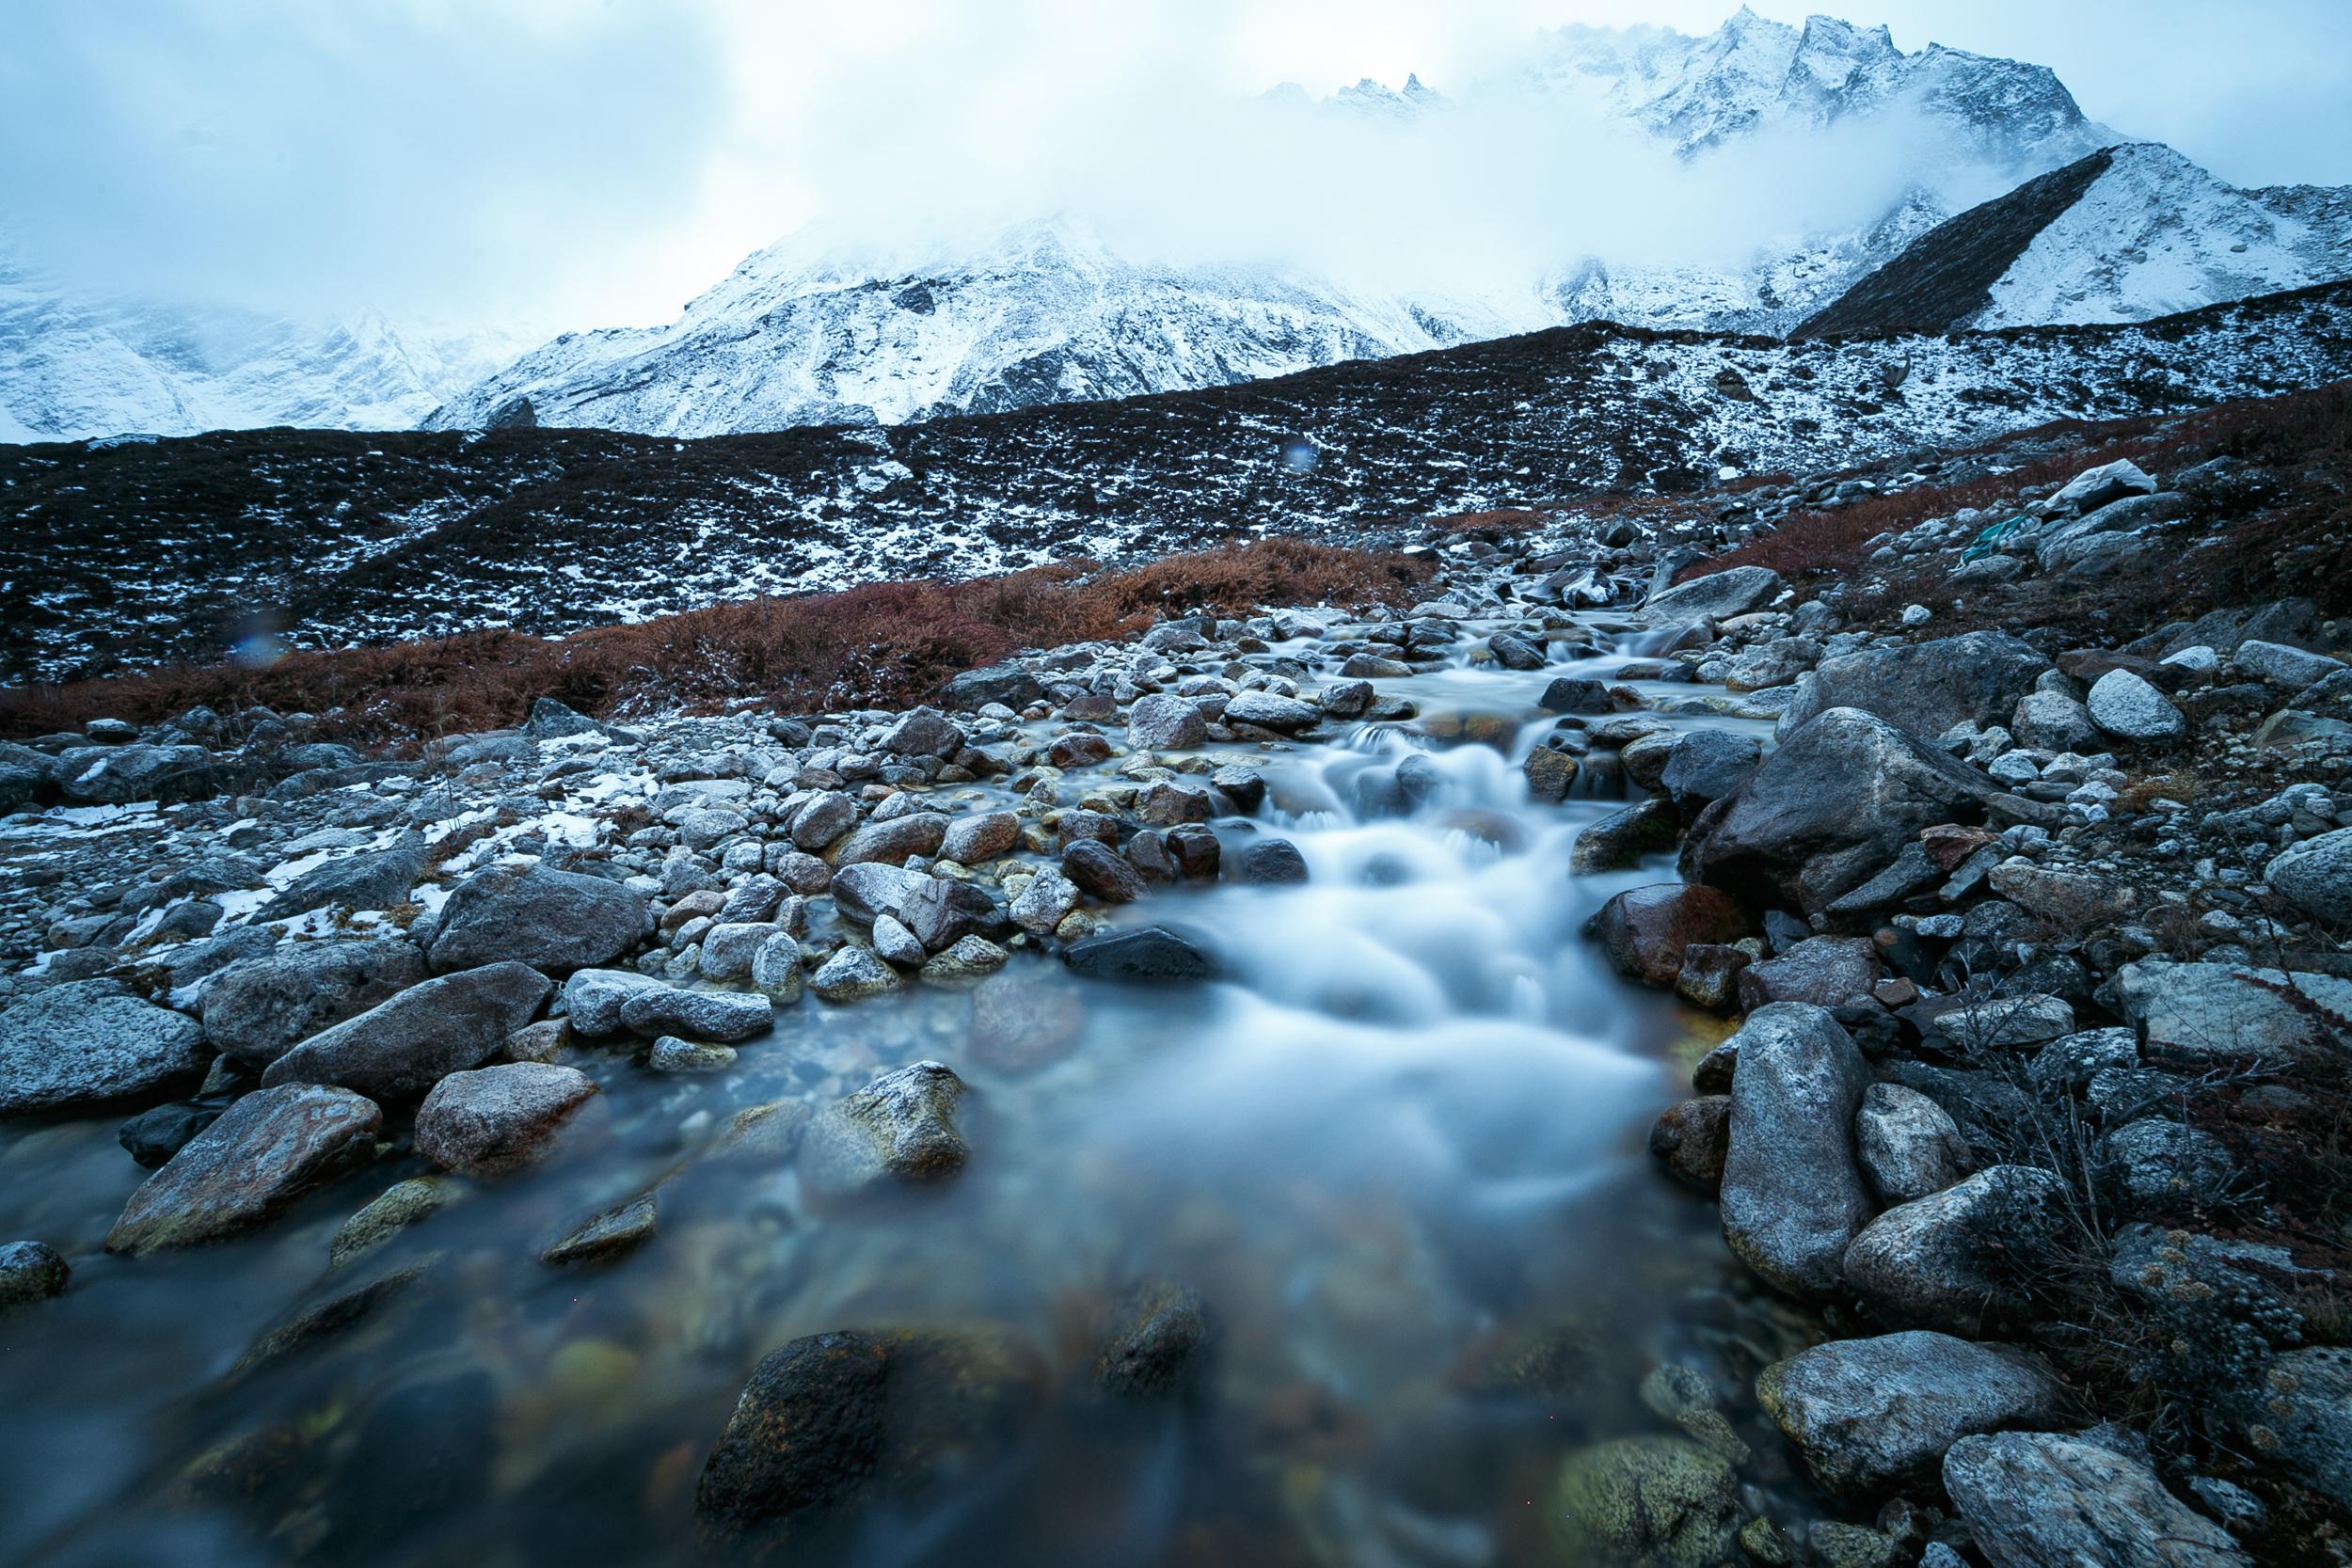 Frozen river at Dharamsala.